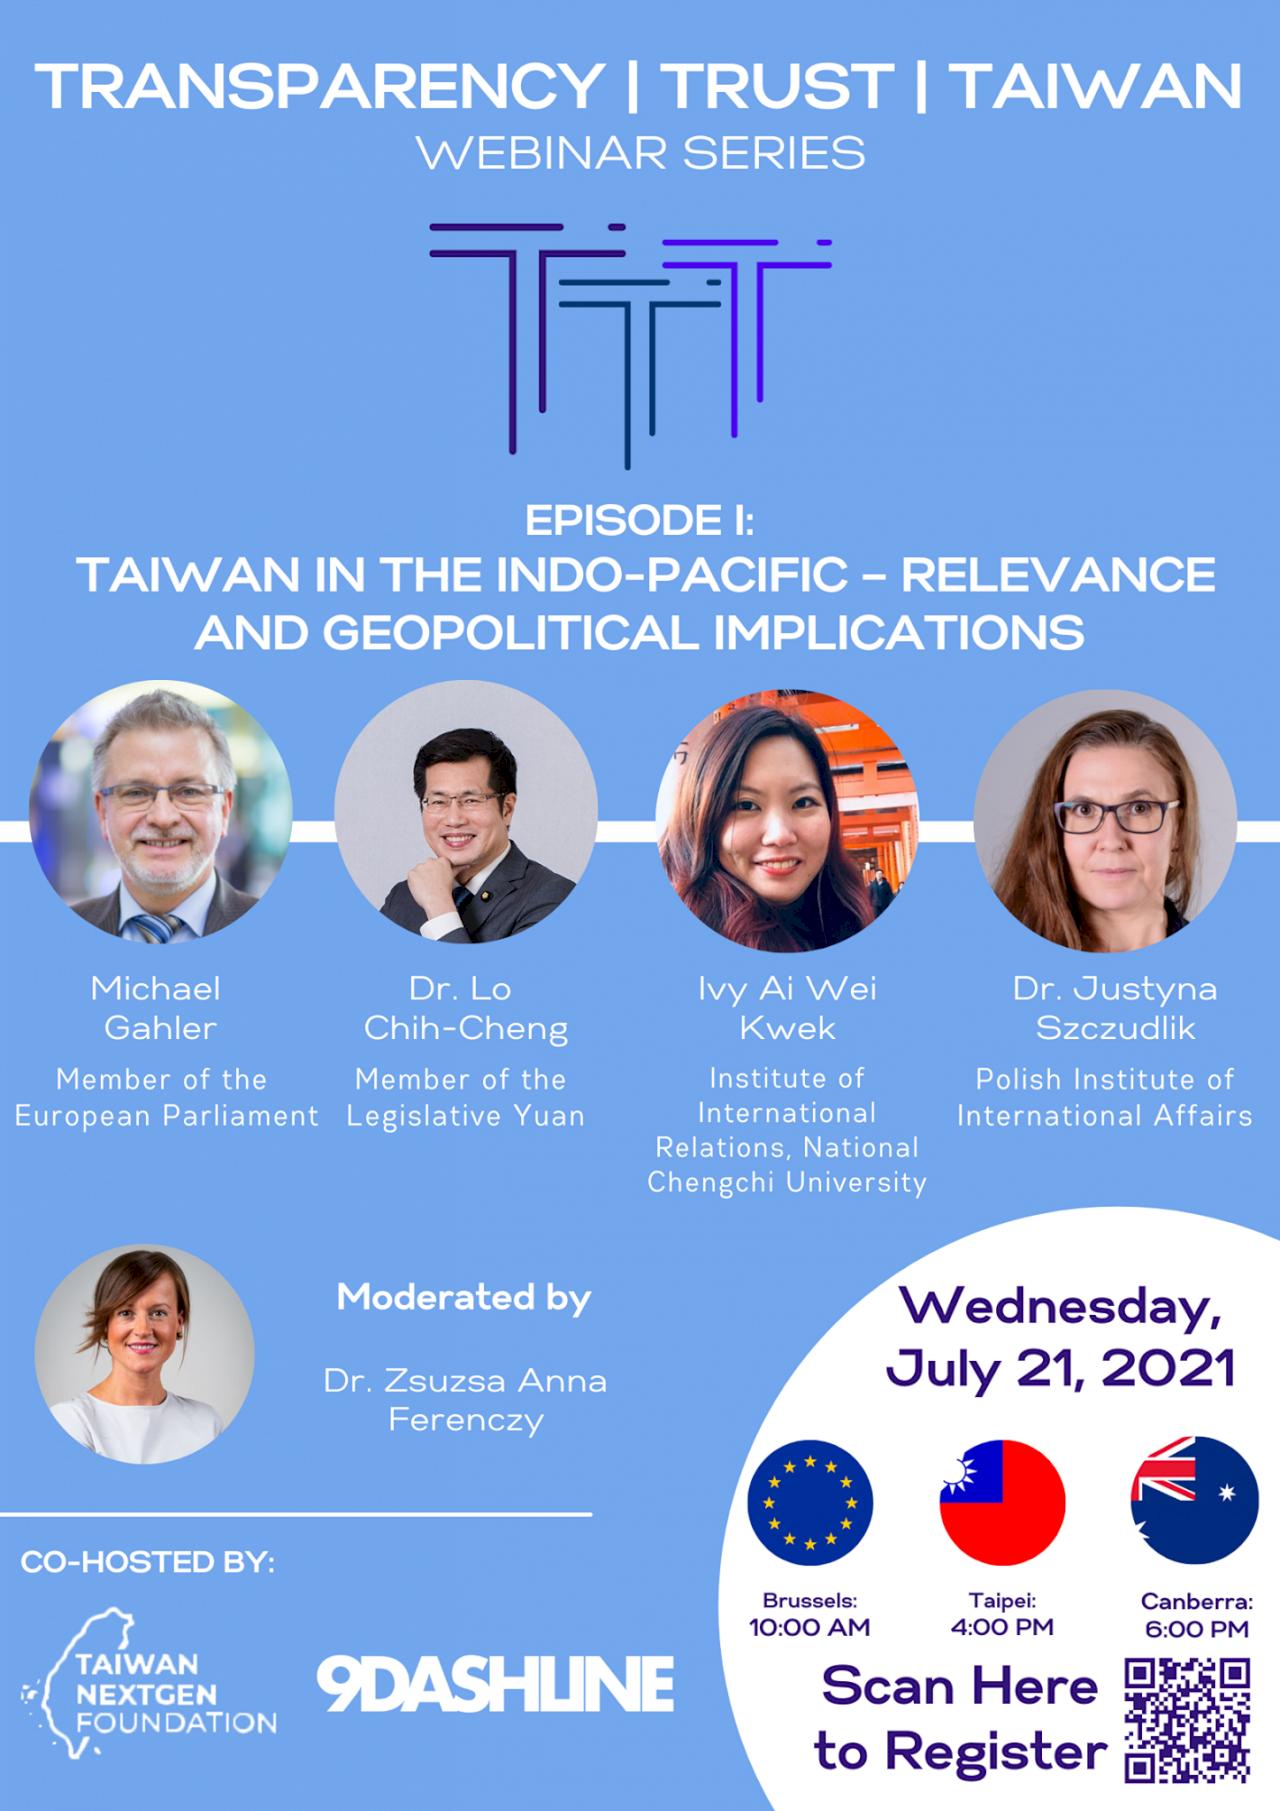 台灣世代台歐印太研討會 歐洲議會議員:歐盟將評估擴大台歐合作關係